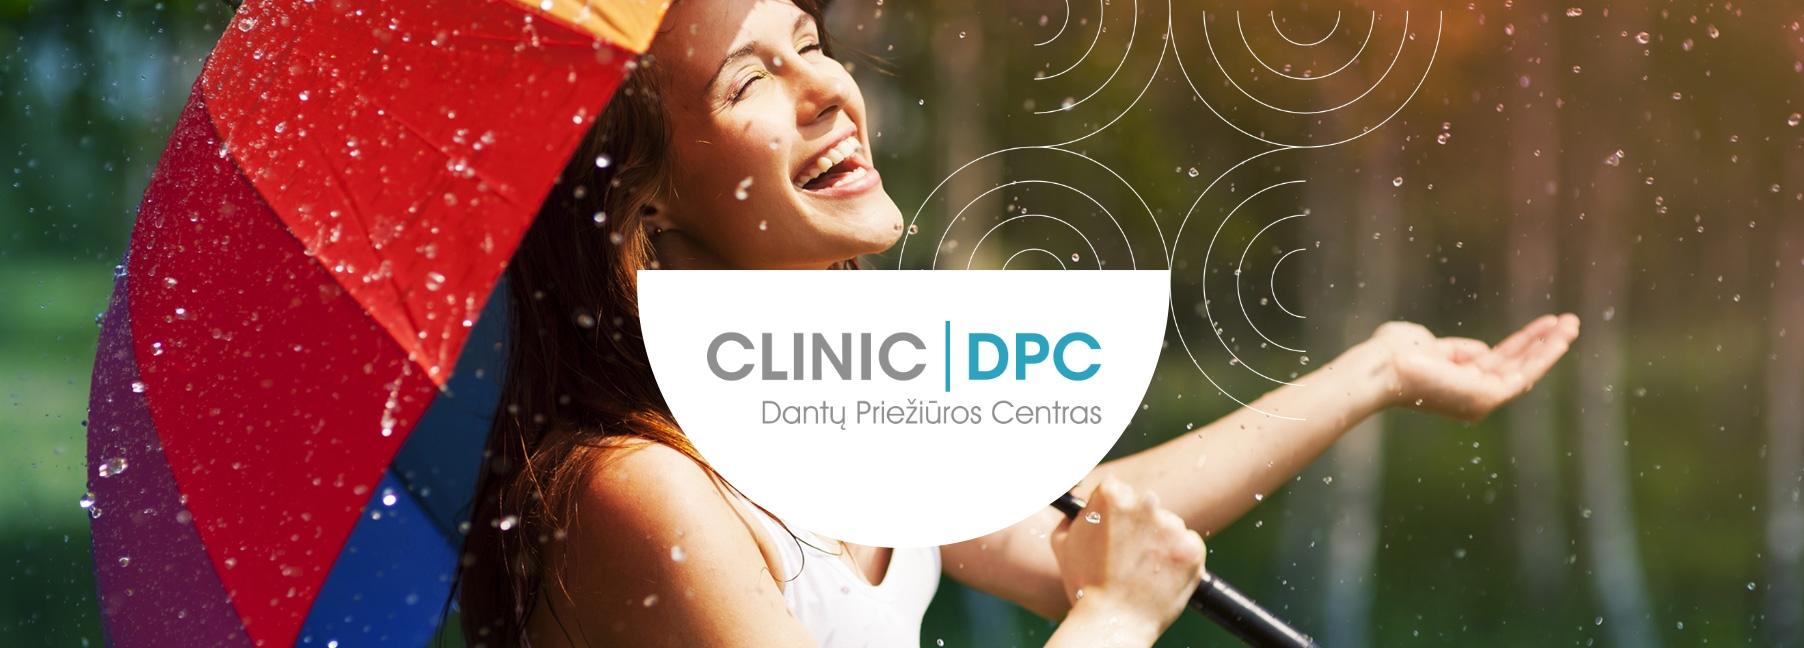 Clinic-DPC